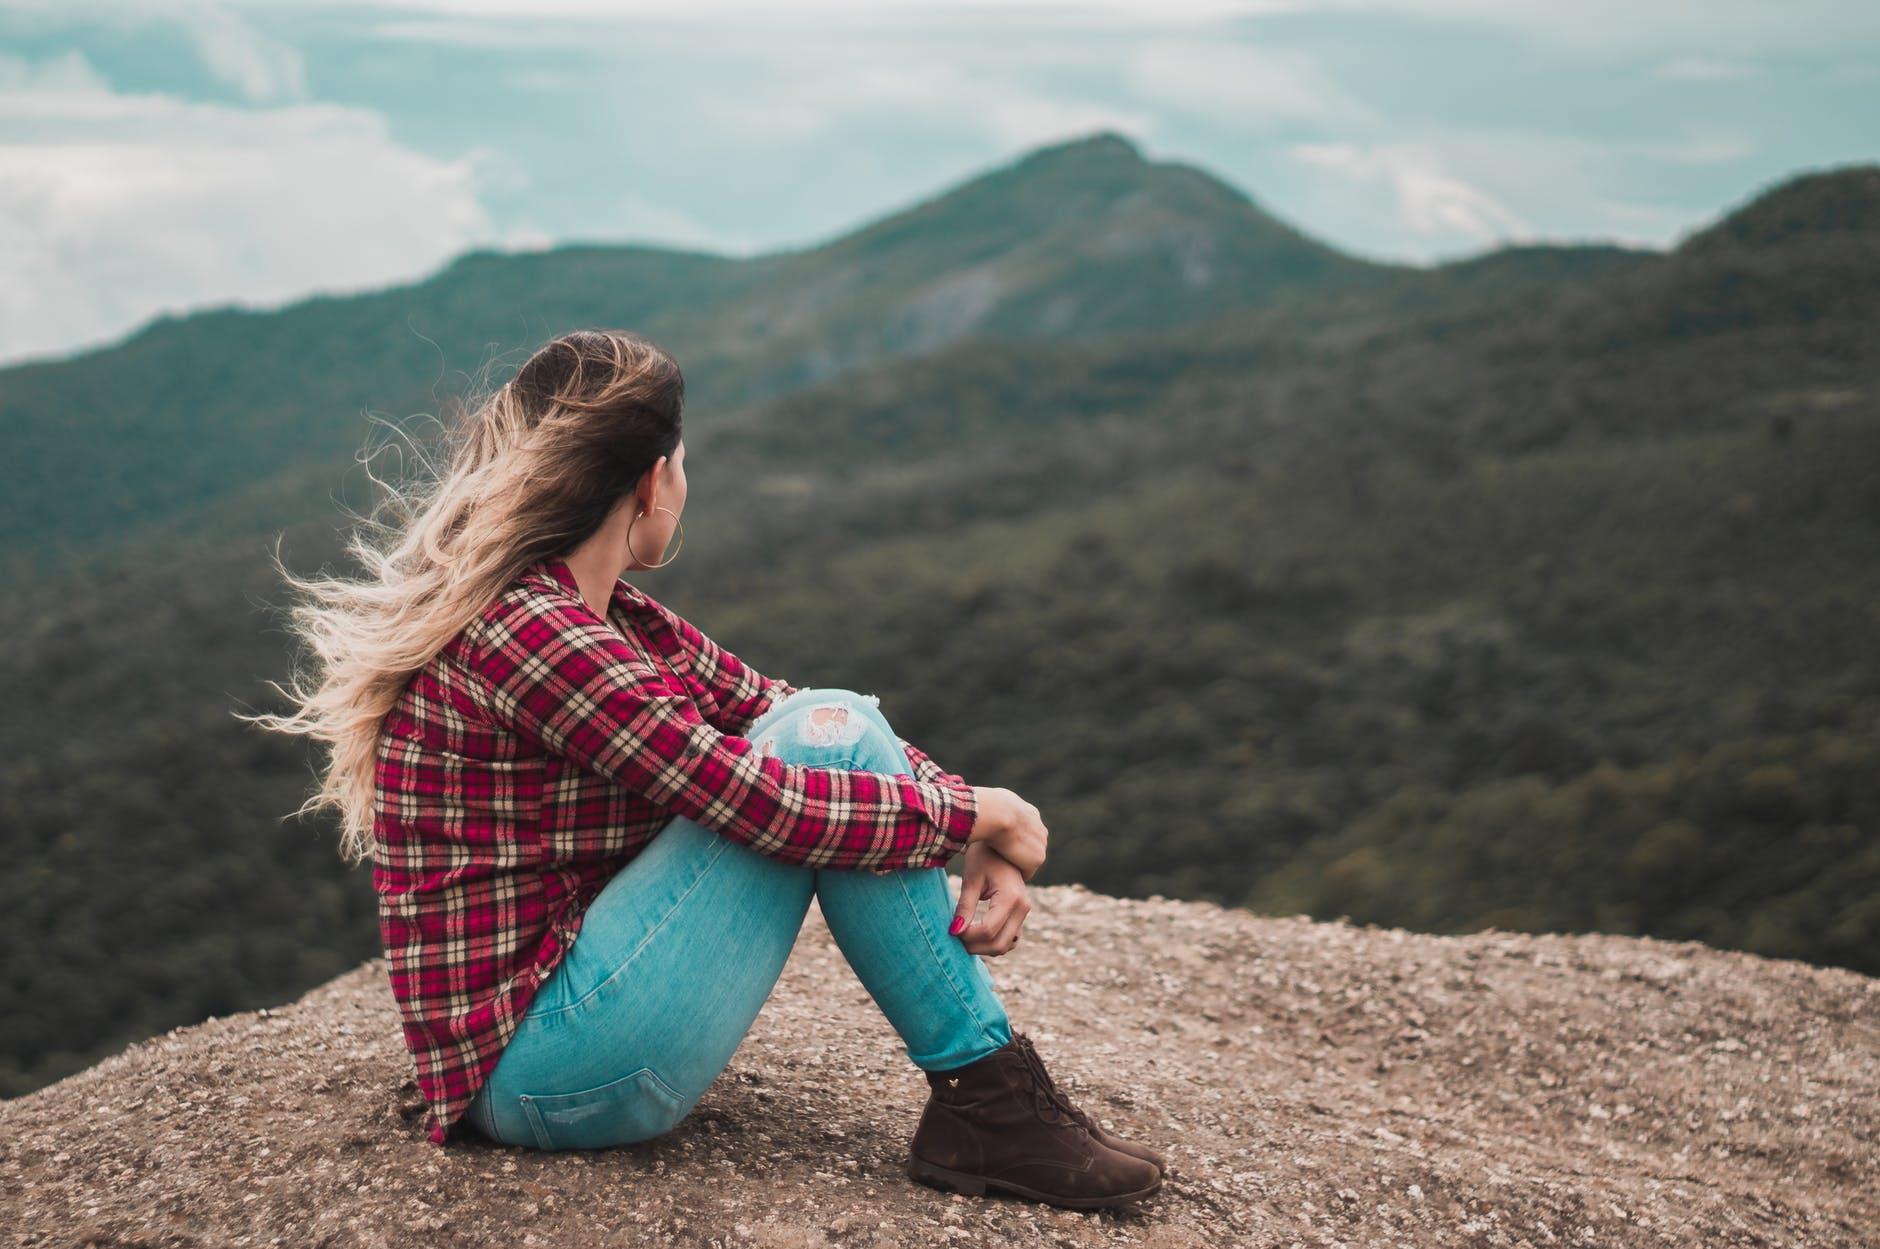 egyetlen nő magány kutatás